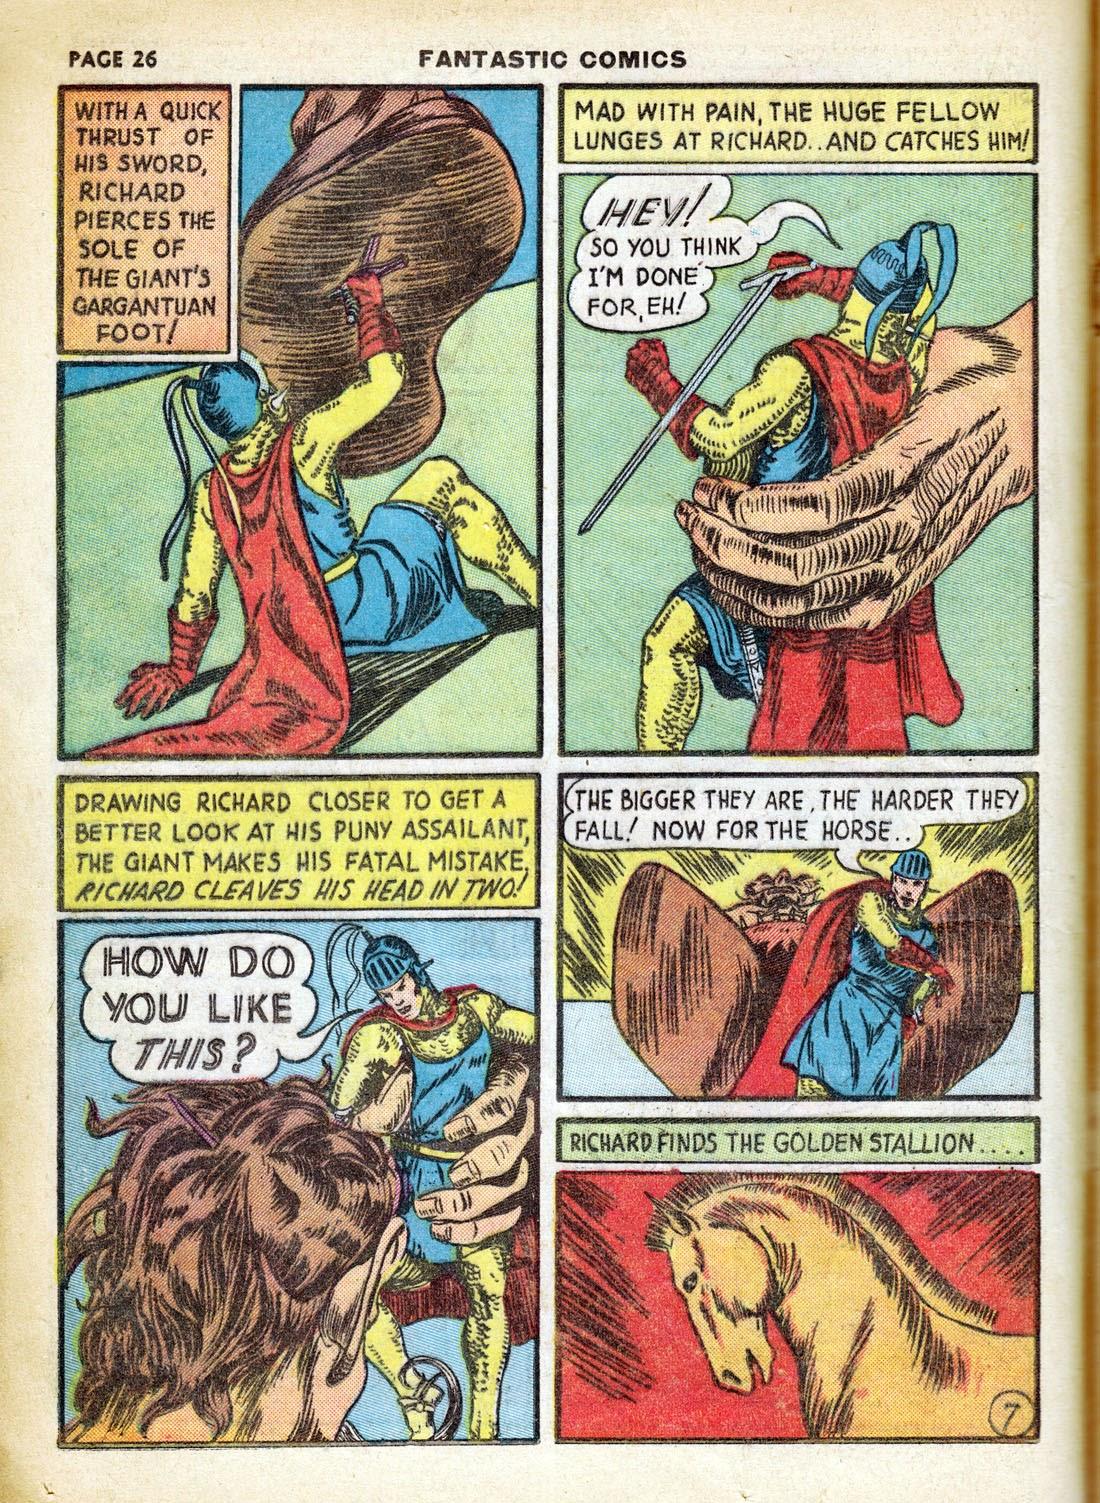 Read online Fantastic Comics comic -  Issue #7 - 28